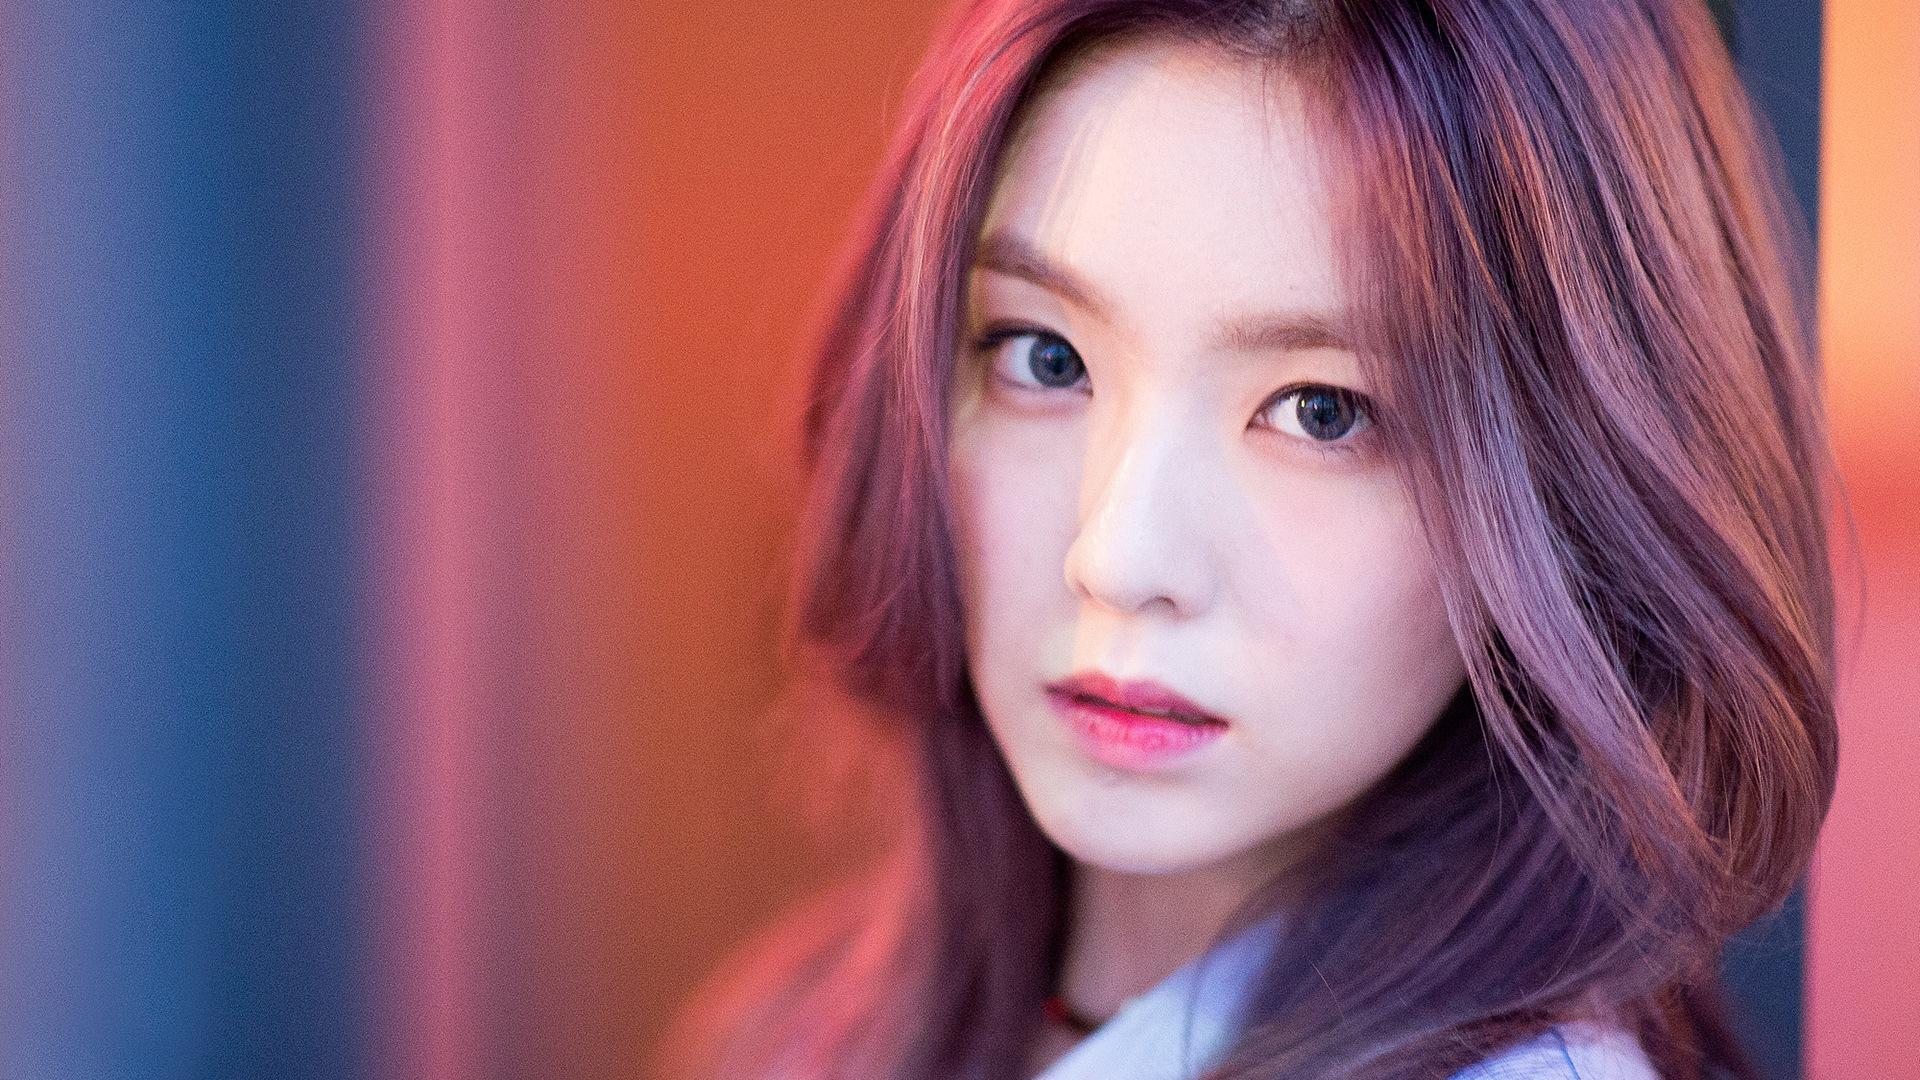 10 Member Grup Idol Kpop Yang Paling Sering Dicari di Google Tahun 2019 9